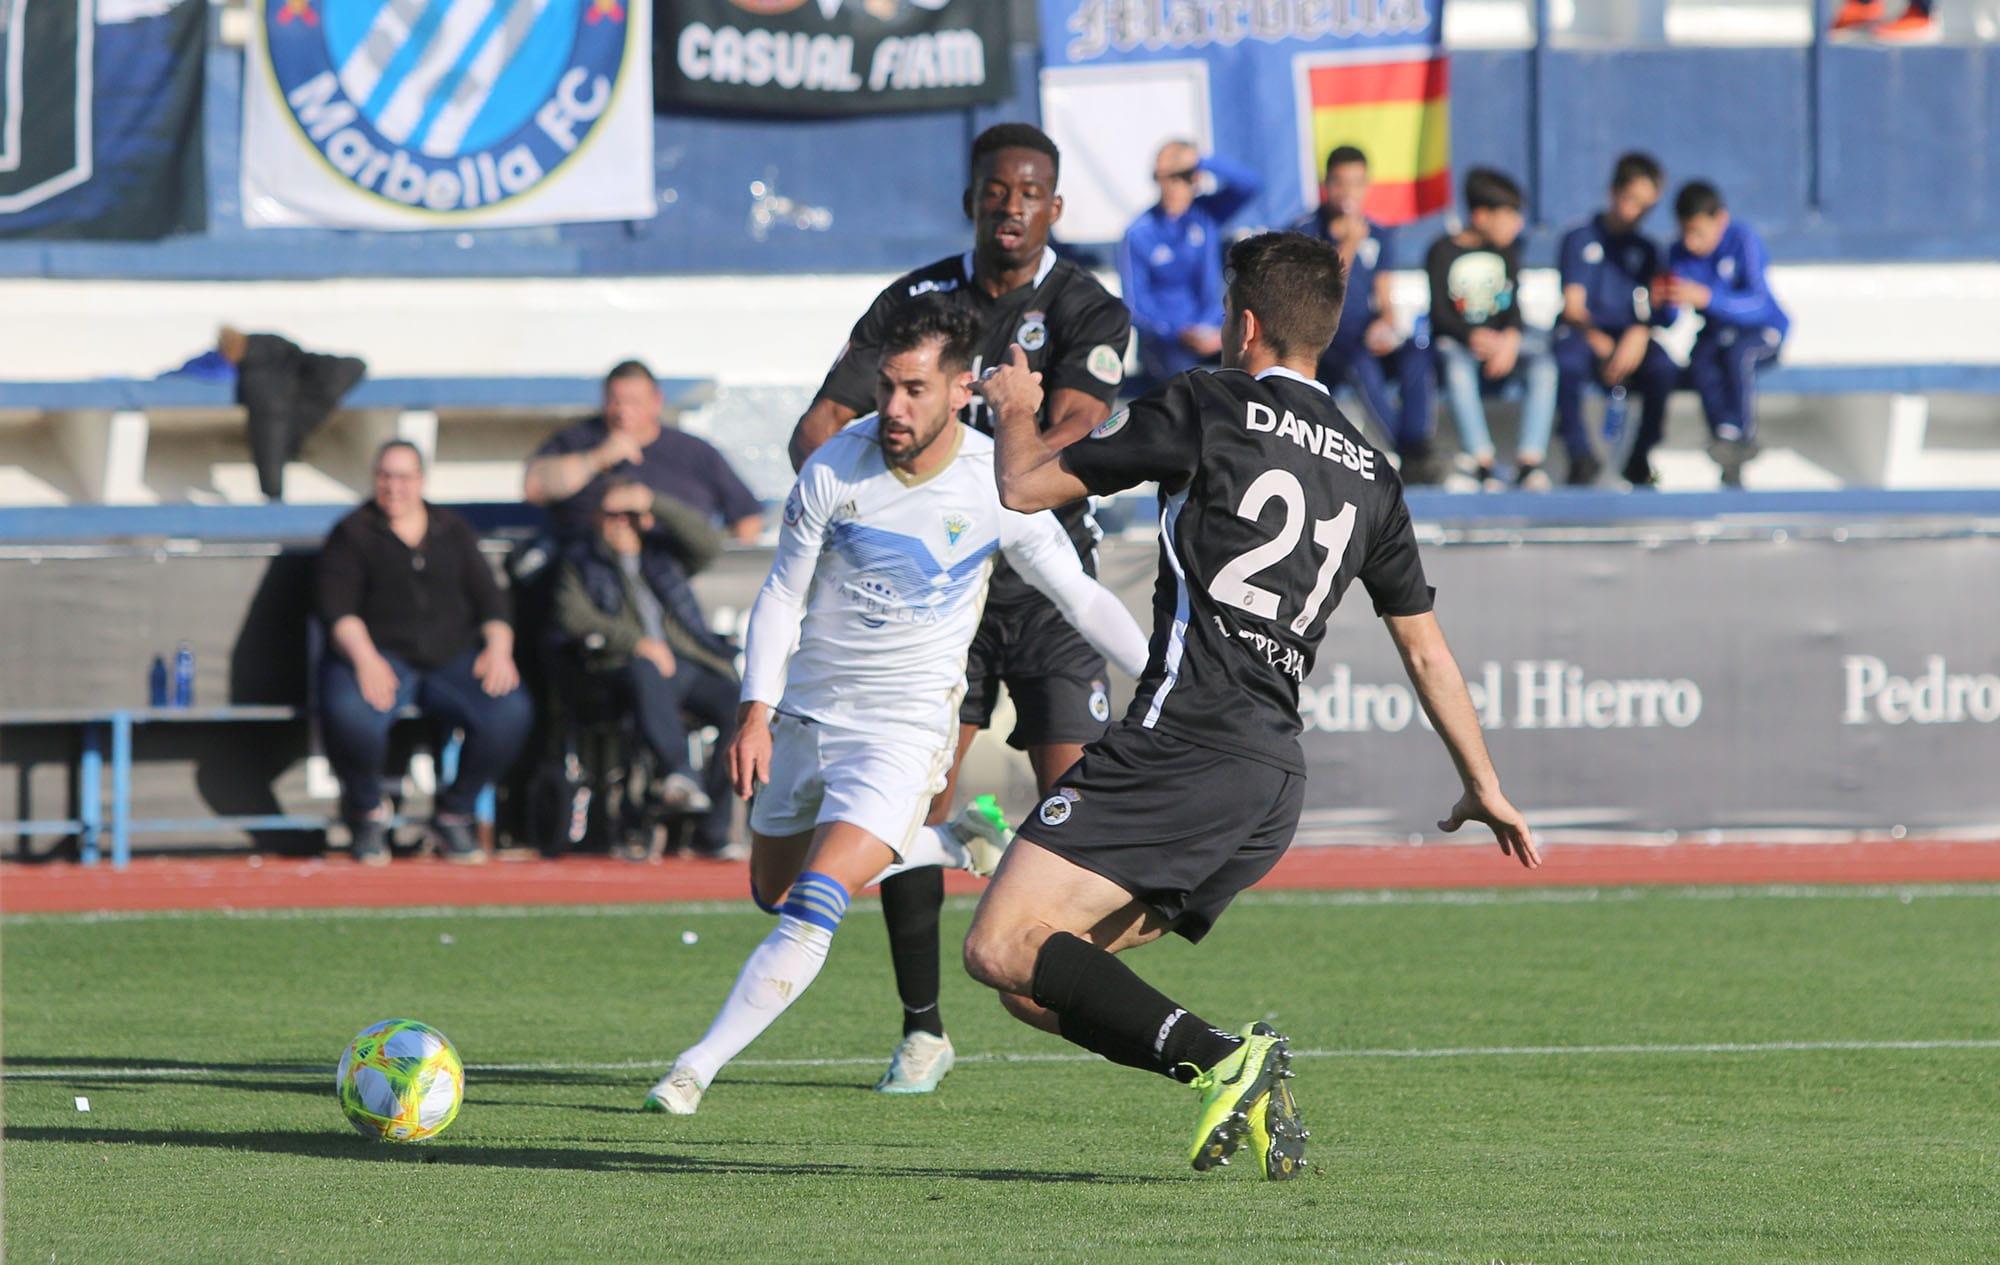 El empate en el Marbella F.C. vs La Balona permite a los blanquillos mantener el liderato (0-0)